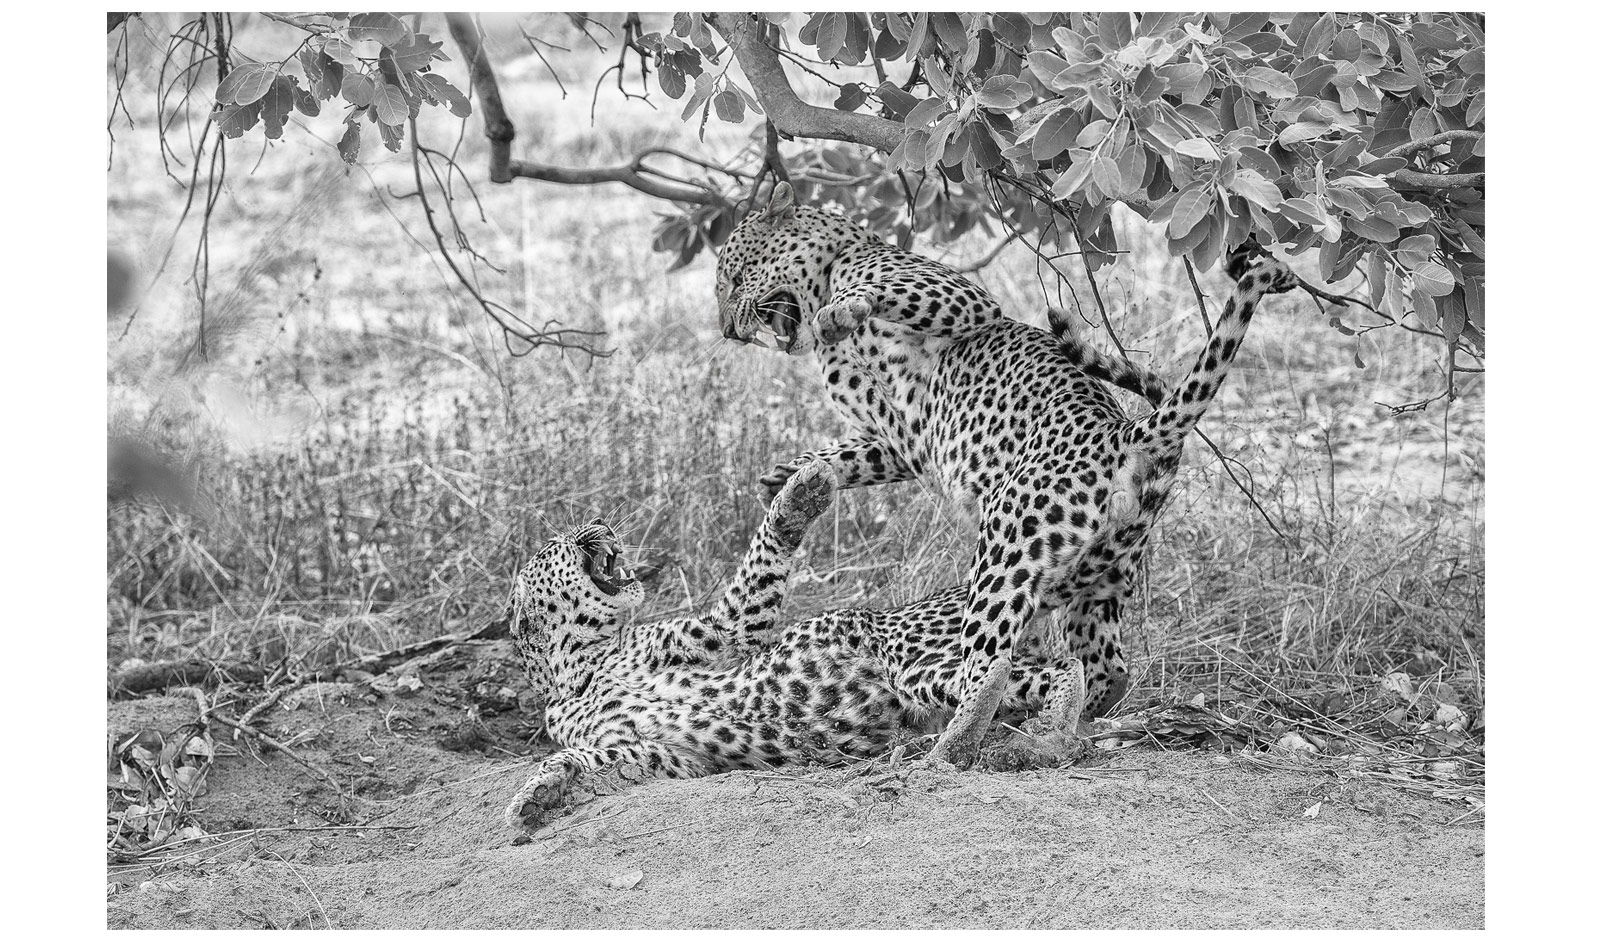 John-Glen-Weaver-leopards-fighting